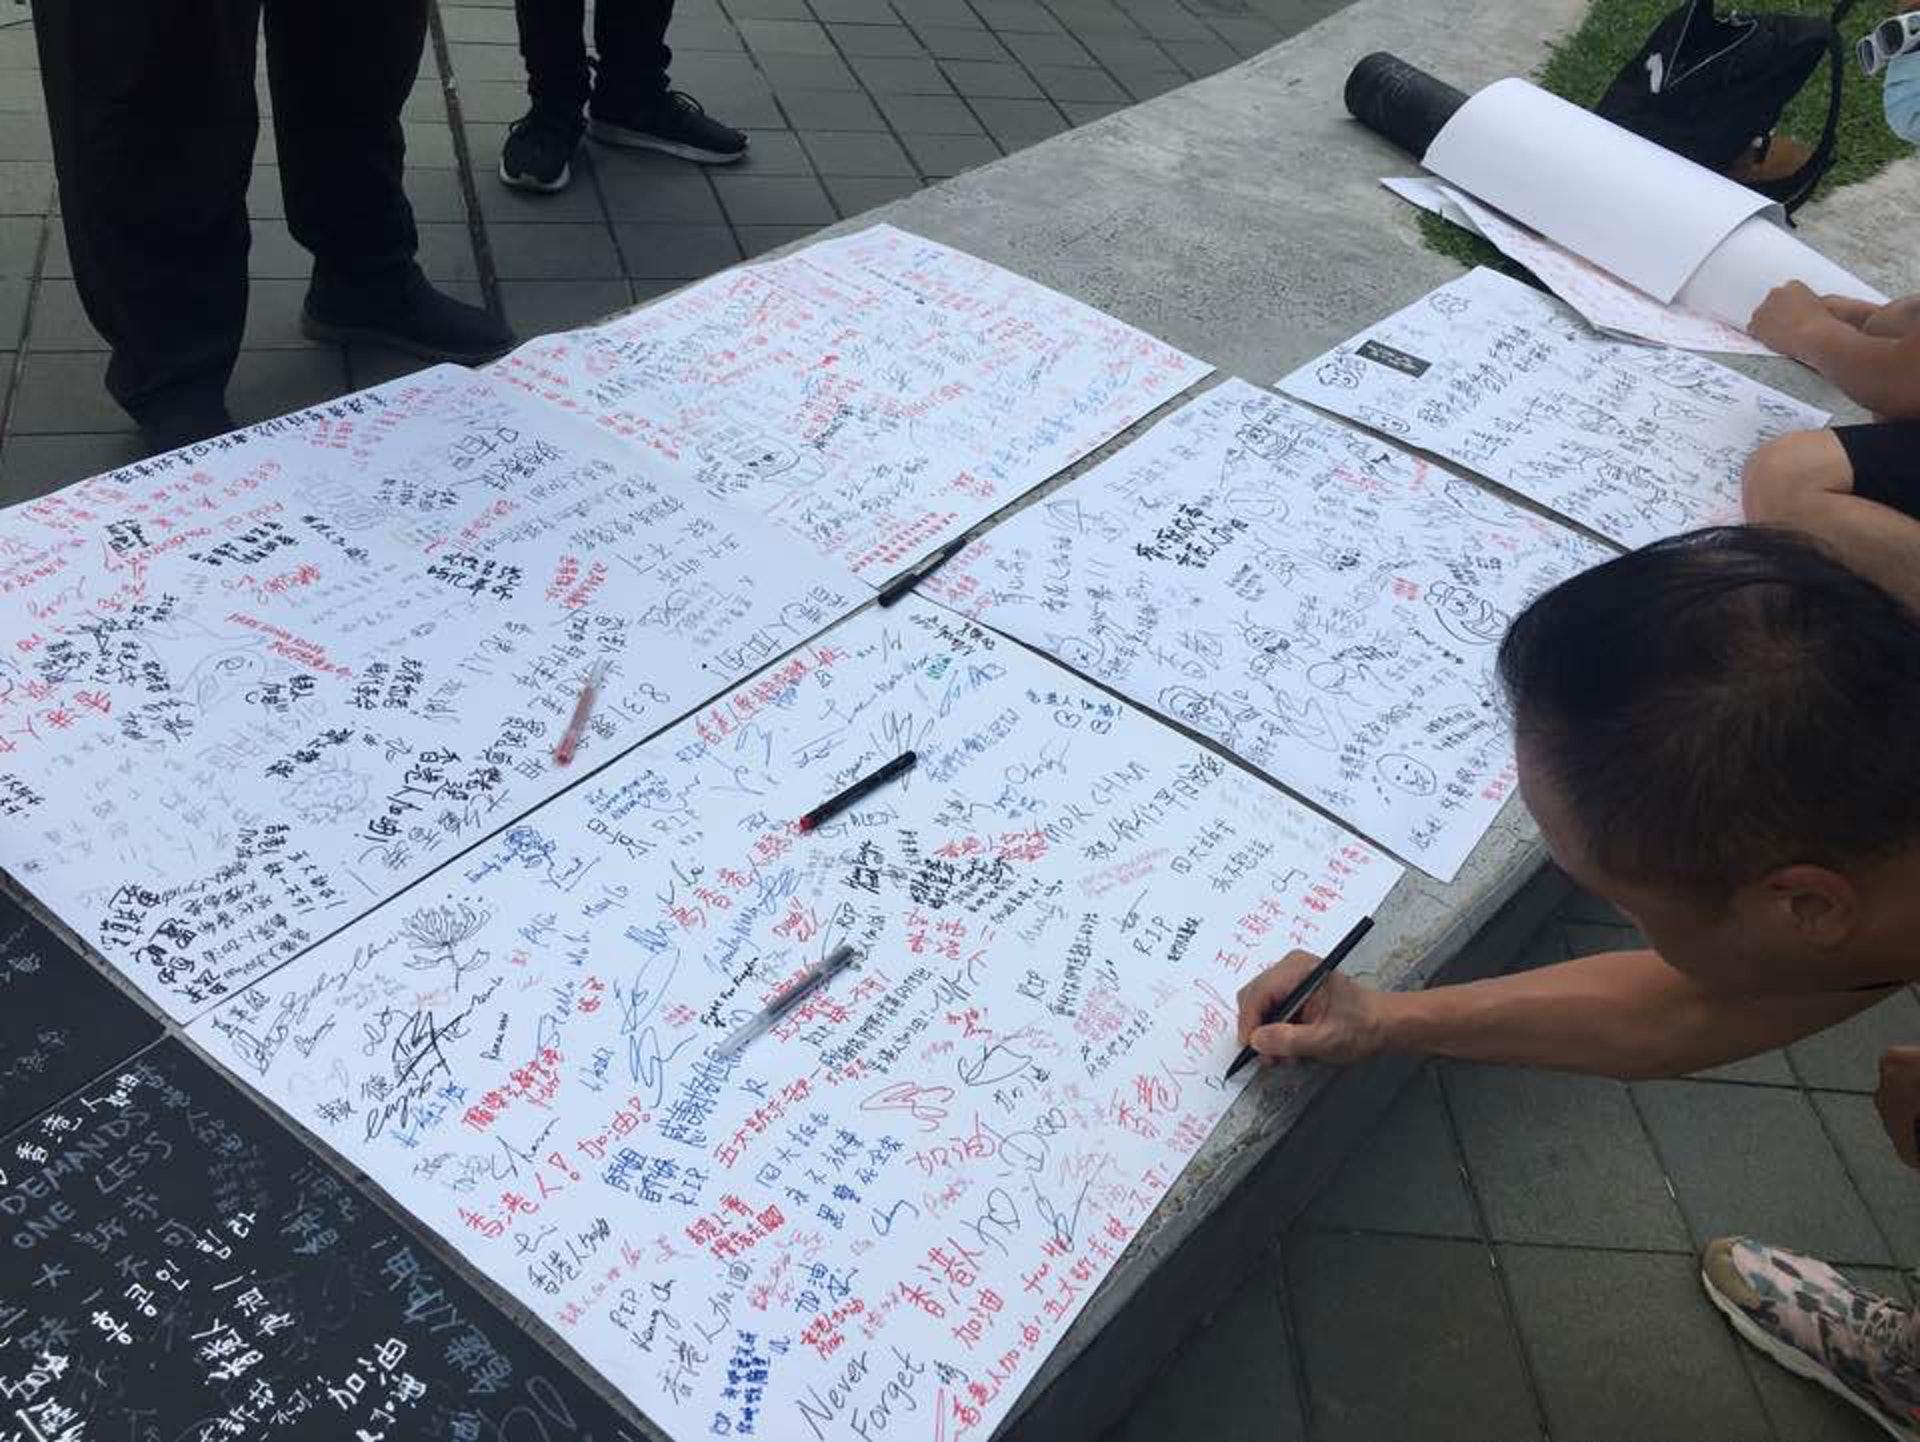 亦有市民在海報上簽名或寫上字句。(李偉欣攝)